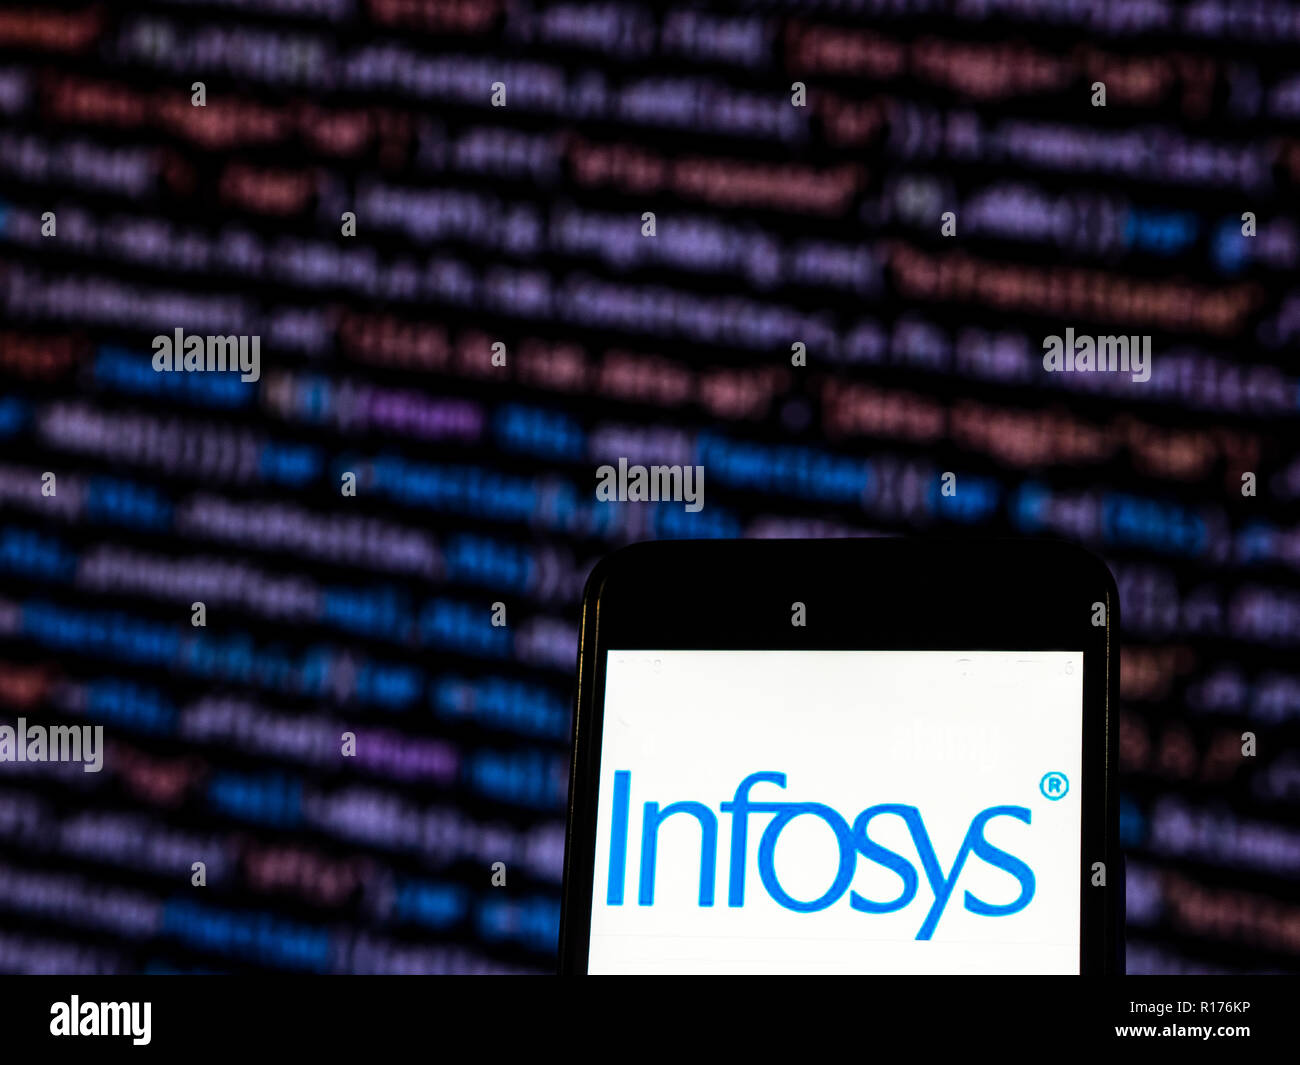 Infosys Information technology consulting company logo che si vede visualizzato sul telefono intelligente. Infosys Limited è un Indiano società multinazionale che fornisce la consulenza di business, tecnologia dell'informazione e i servizi di outsourcing Immagini Stock